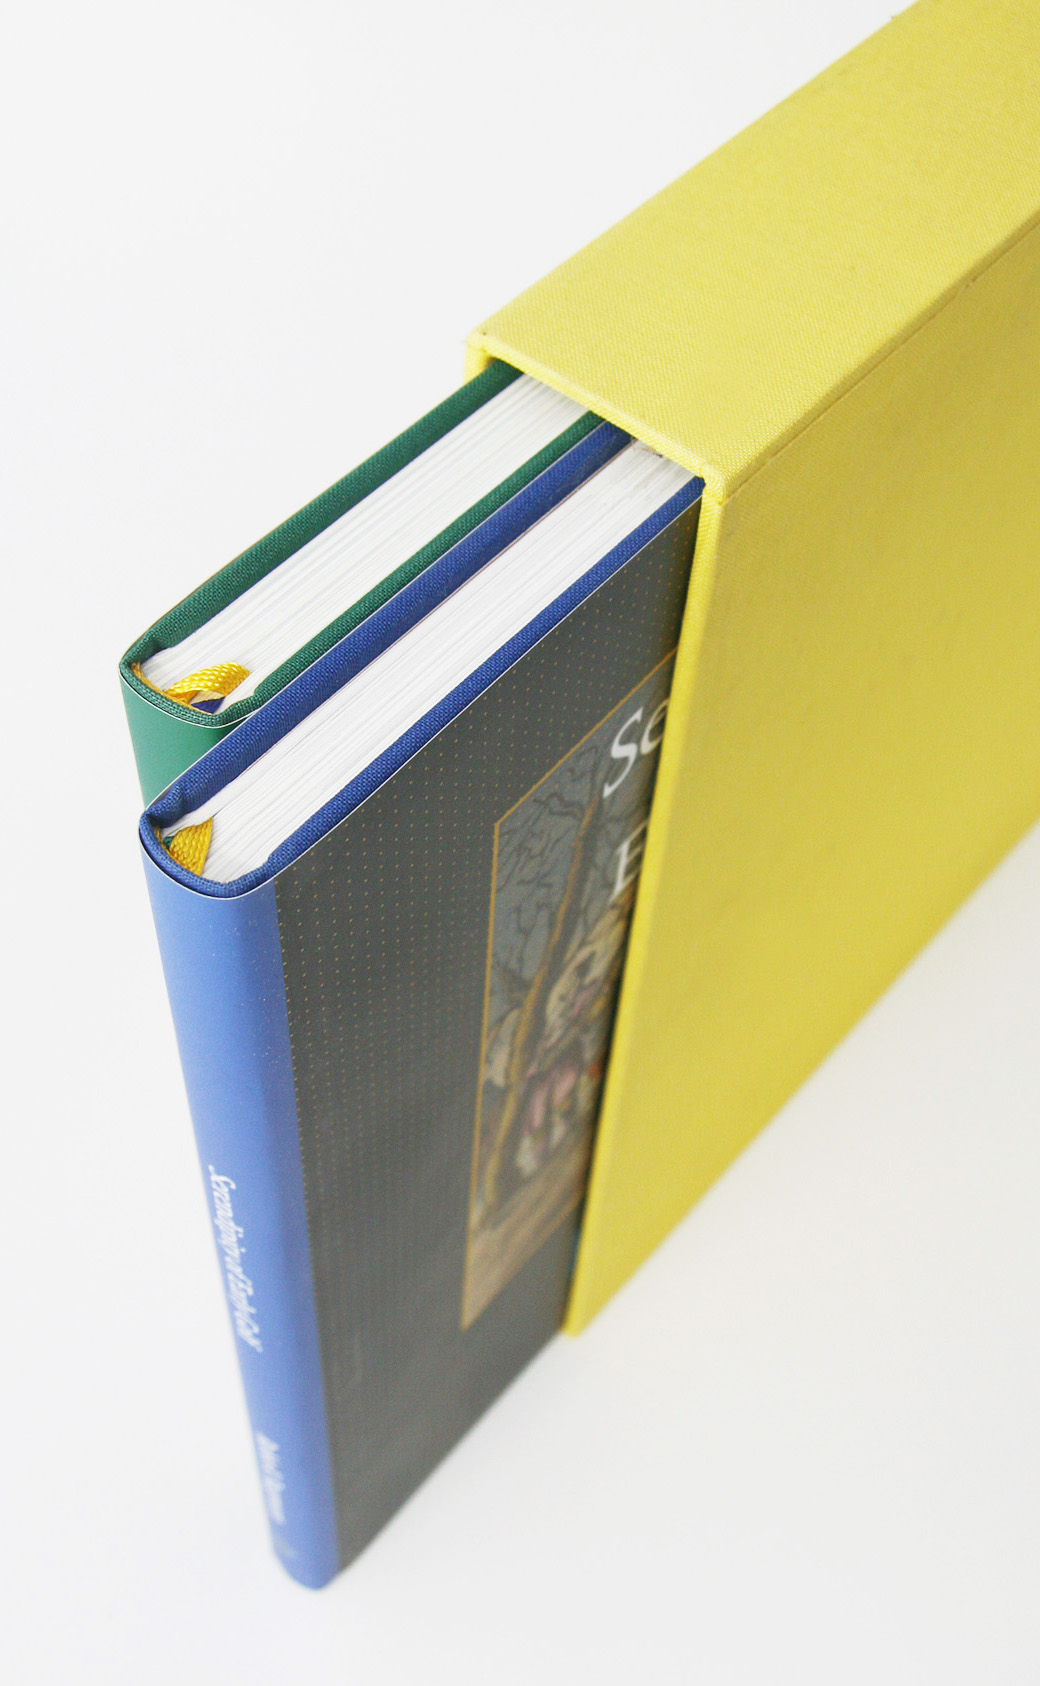 Twee boeken in een cassette: samen de clubkleuren van De Kennemer.